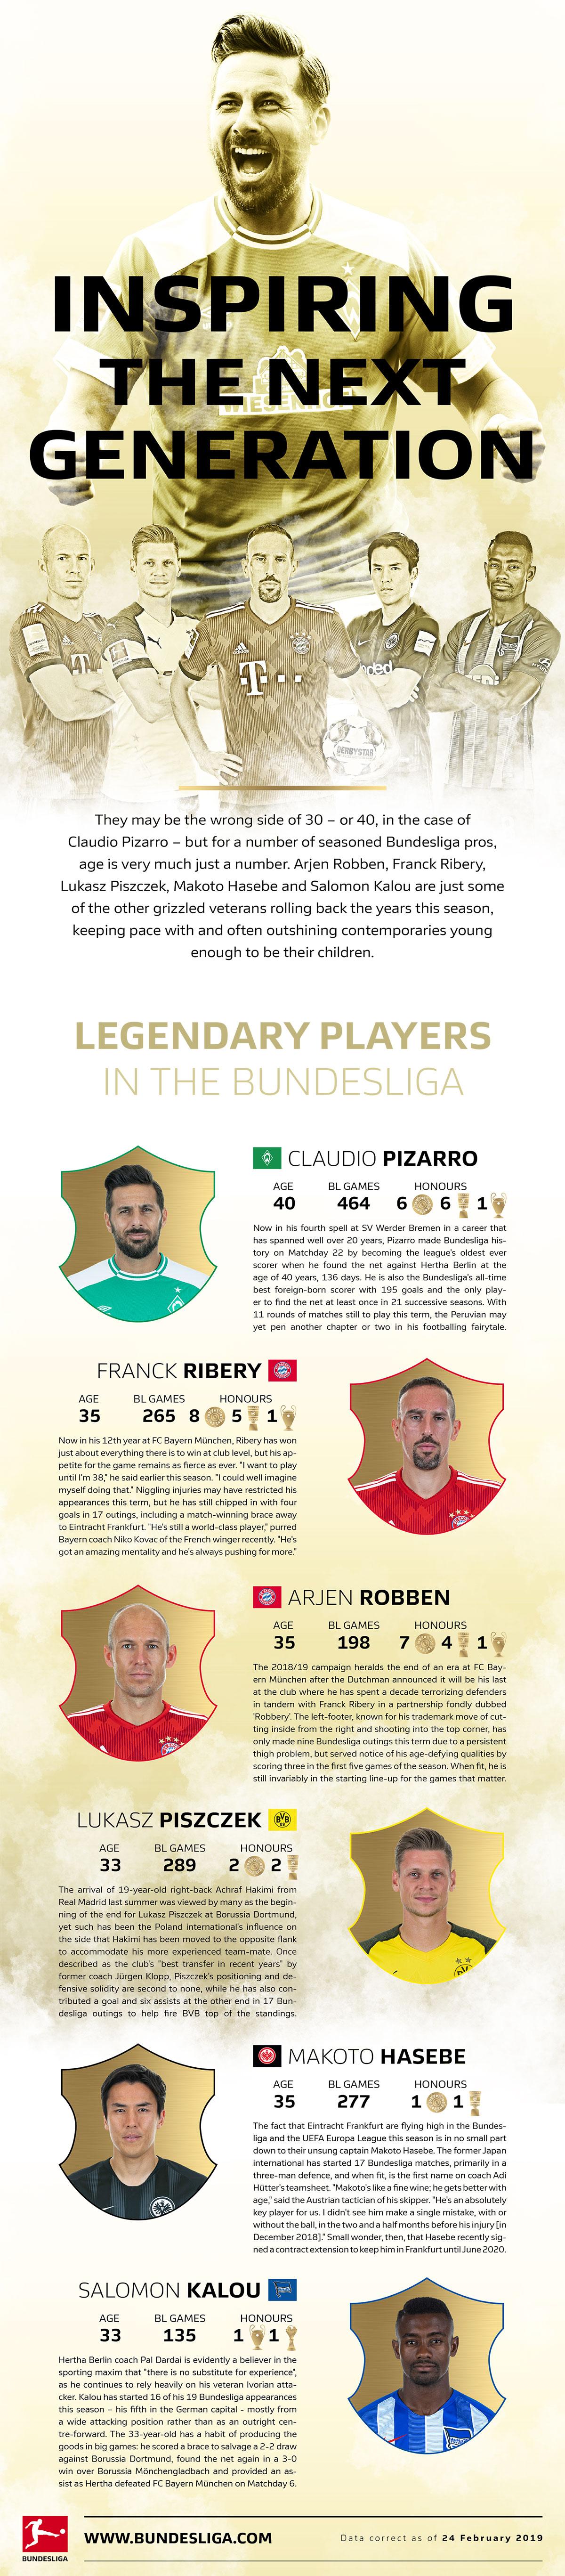 Bundesliga legends inspiring the next generation. (Image courtesy: Bundesliga)